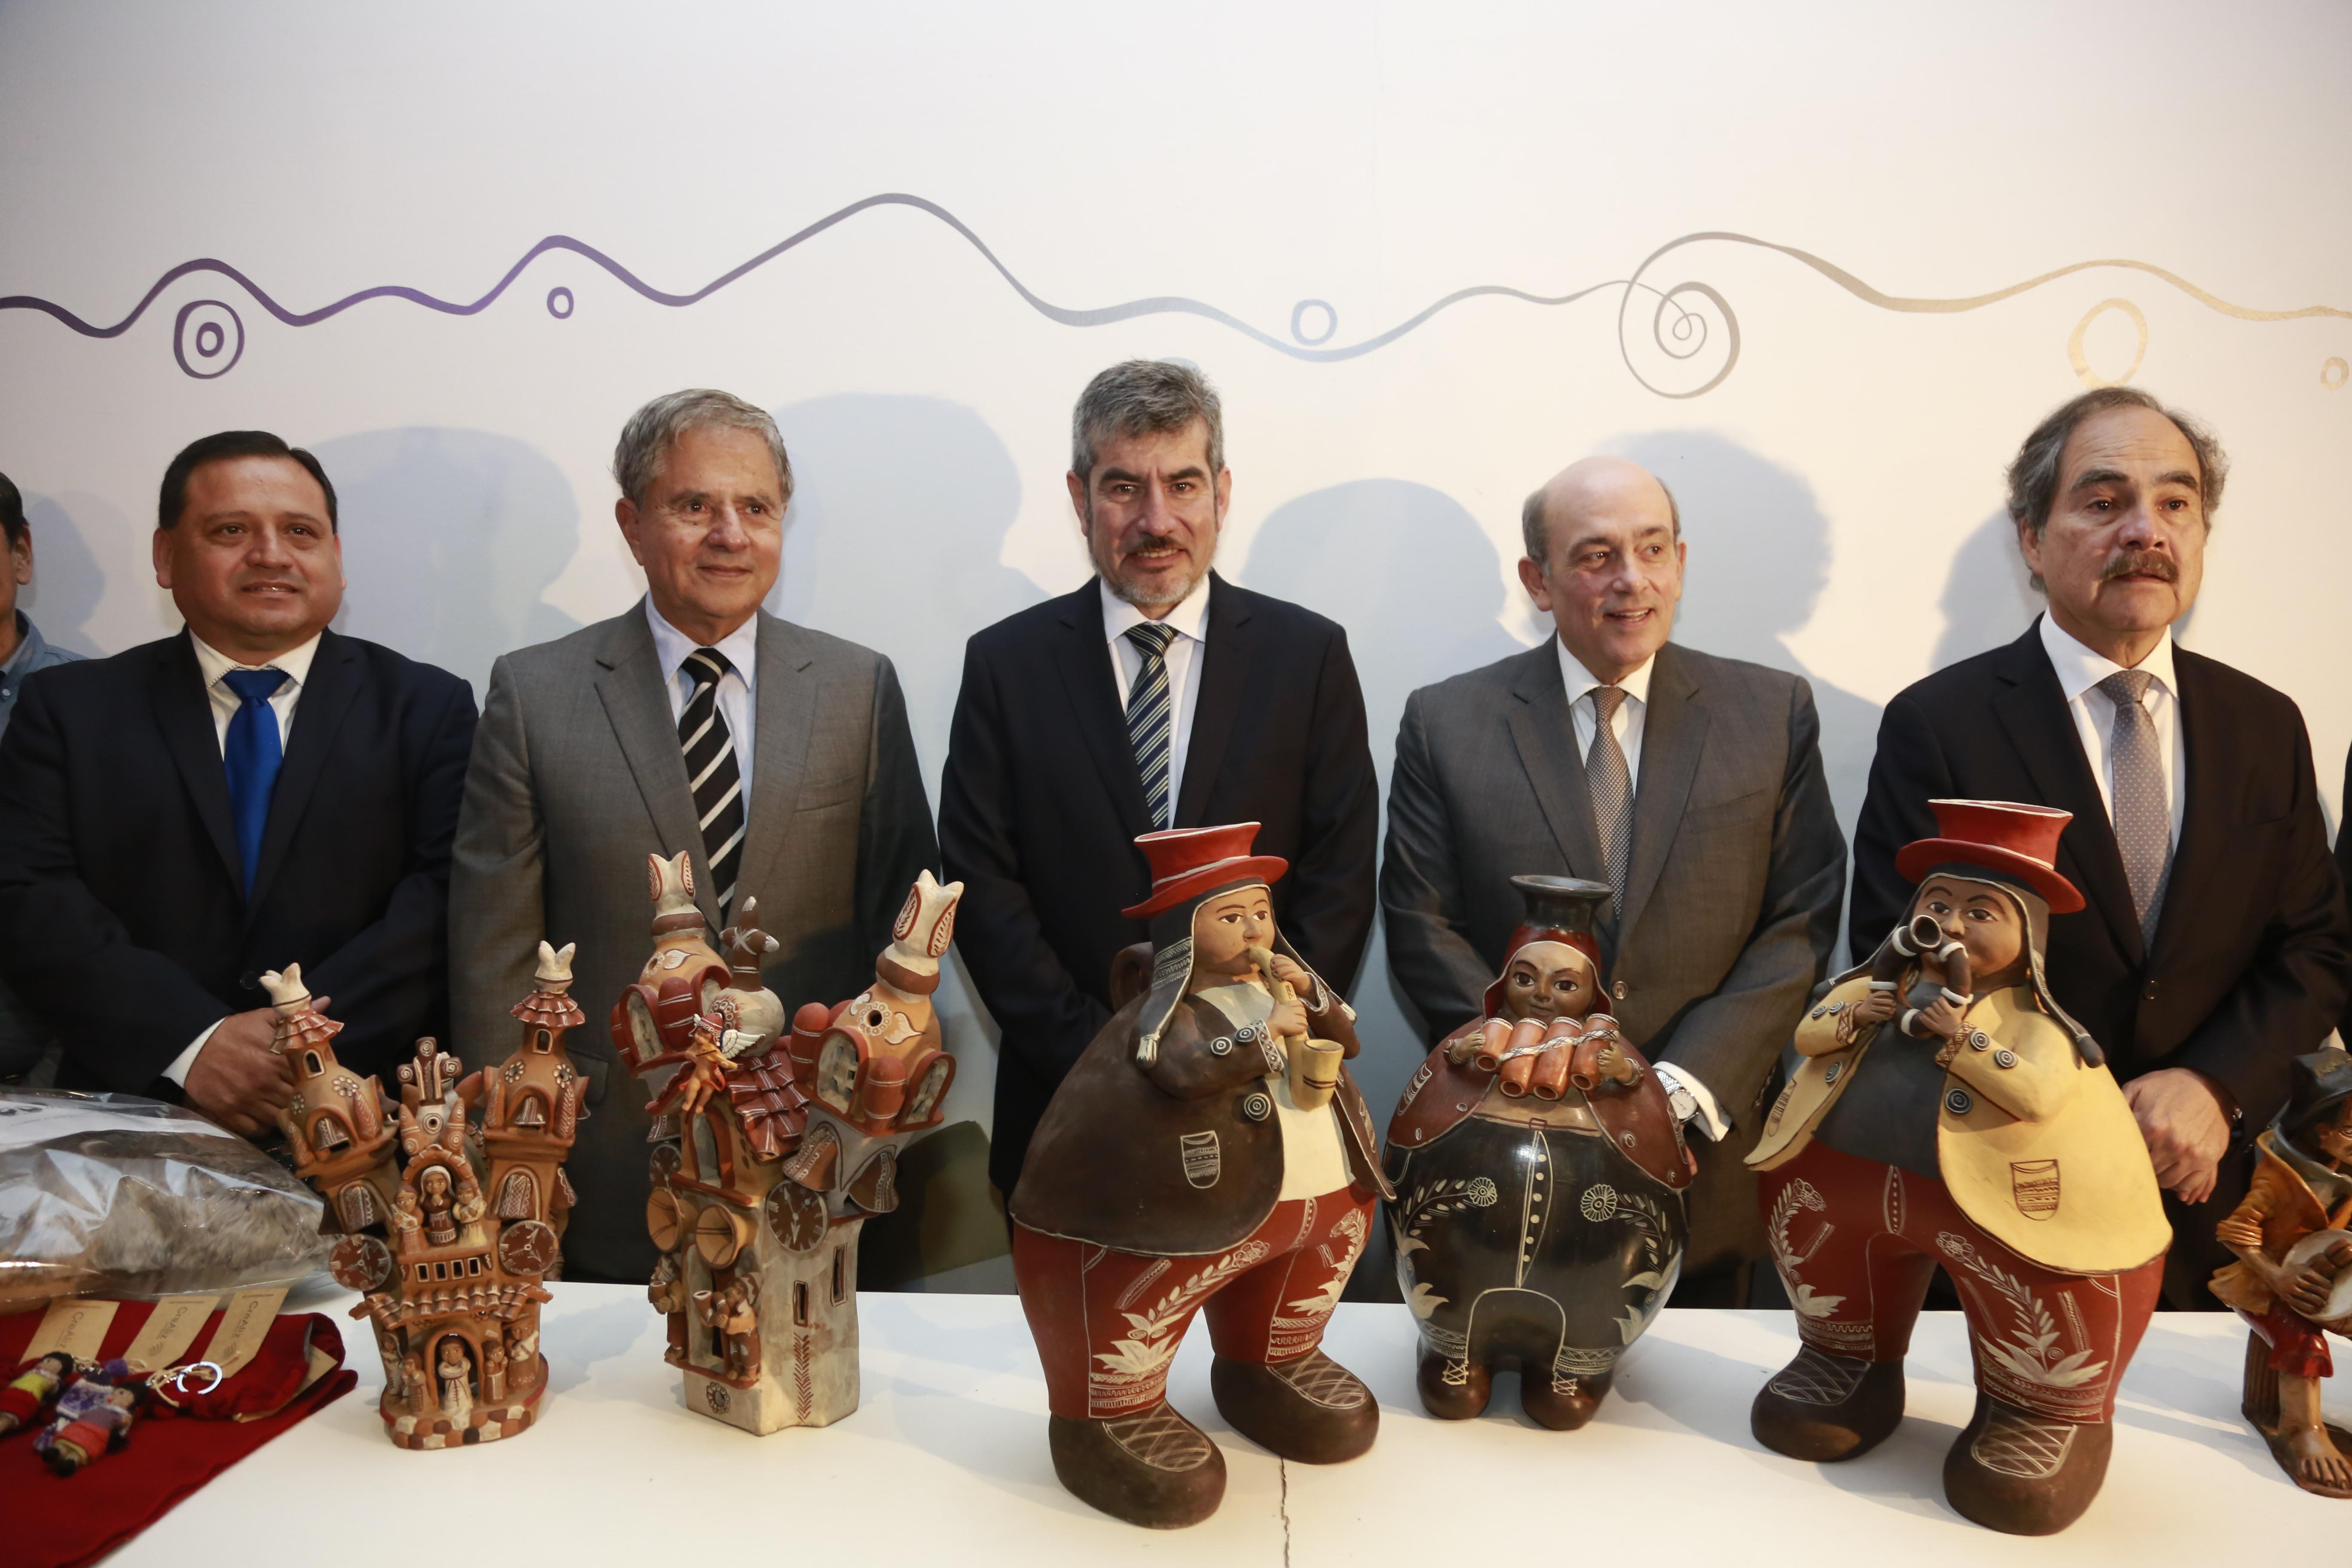 Casa Perú en Rusia 7 - Mundial Rusia 2018: Casa Perú exhibirá más de 400 productos nativos en Moscú